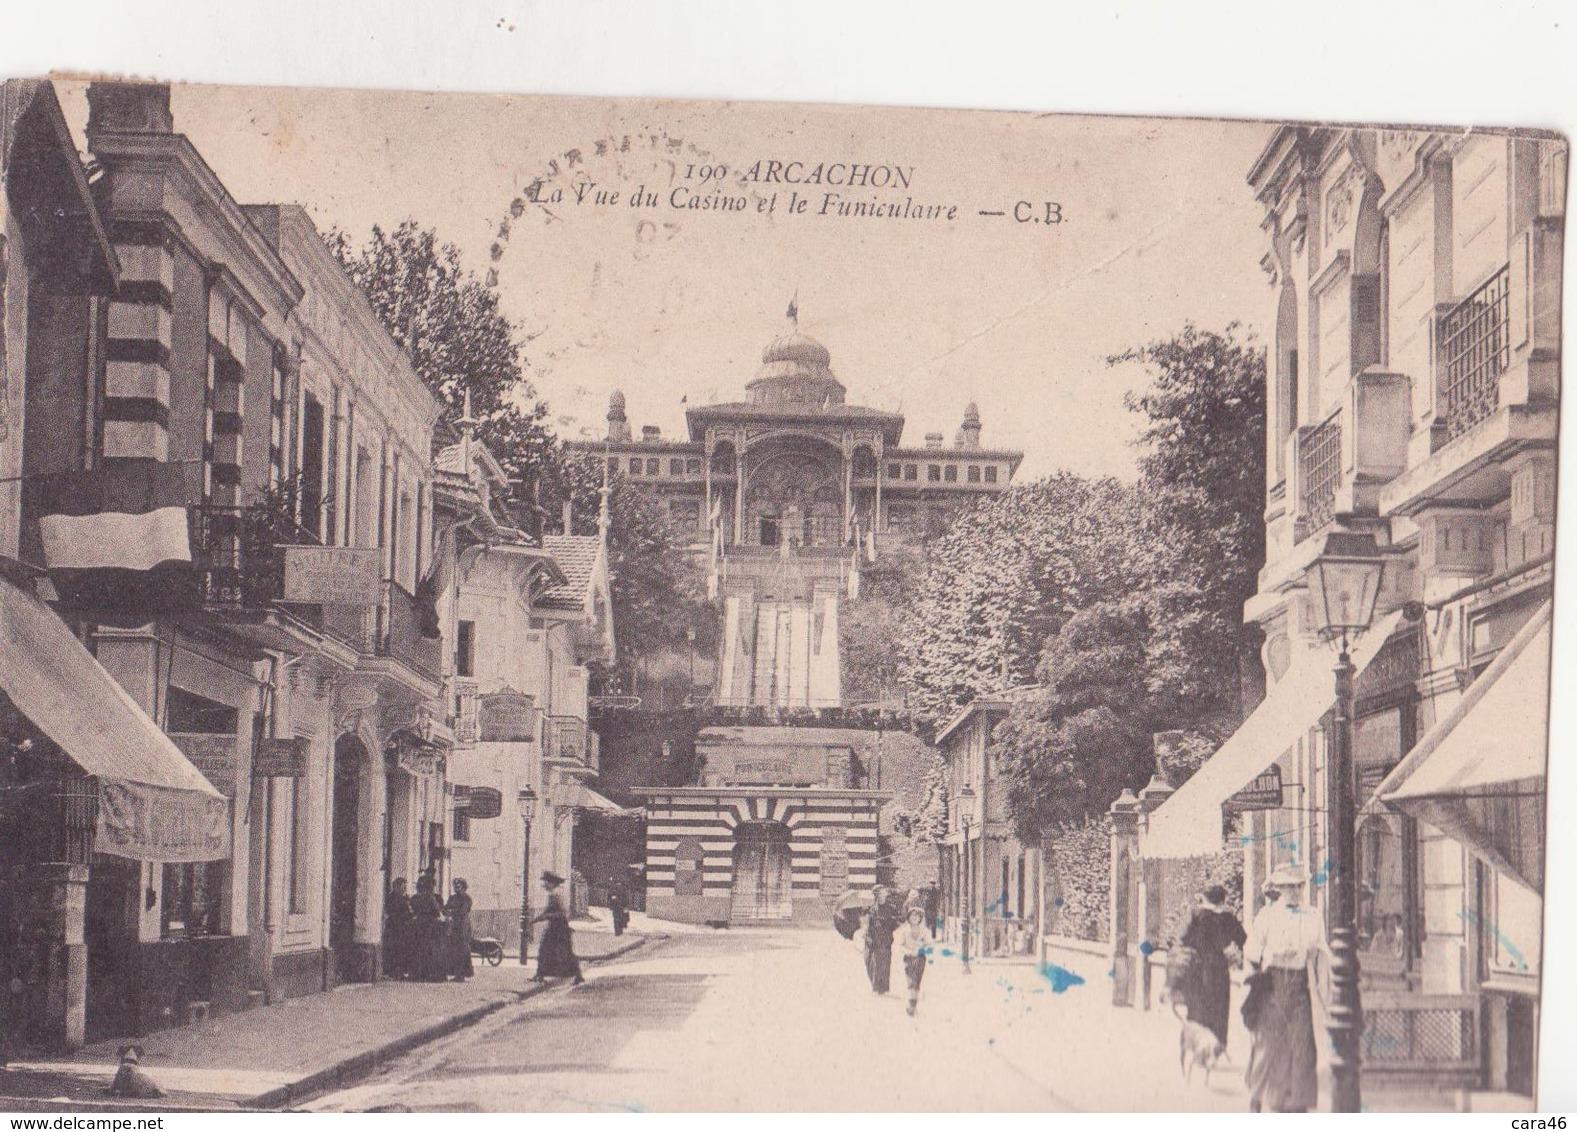 CPA - 190. ARCACHON - Vue Du Casino Et Le Funiculaire - Arcachon